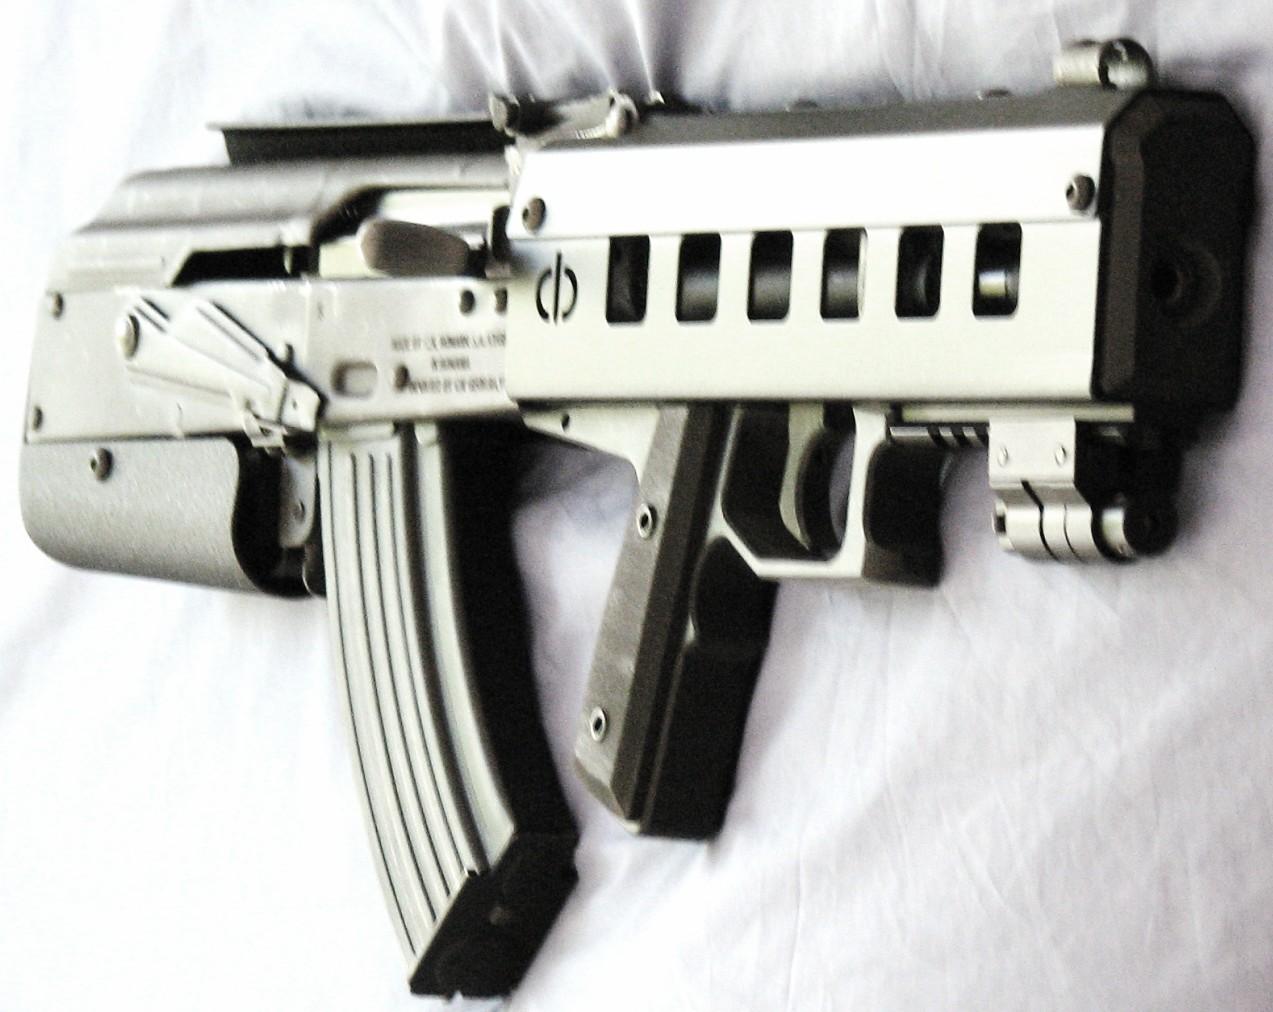 Cbrps draco pistol savethegun